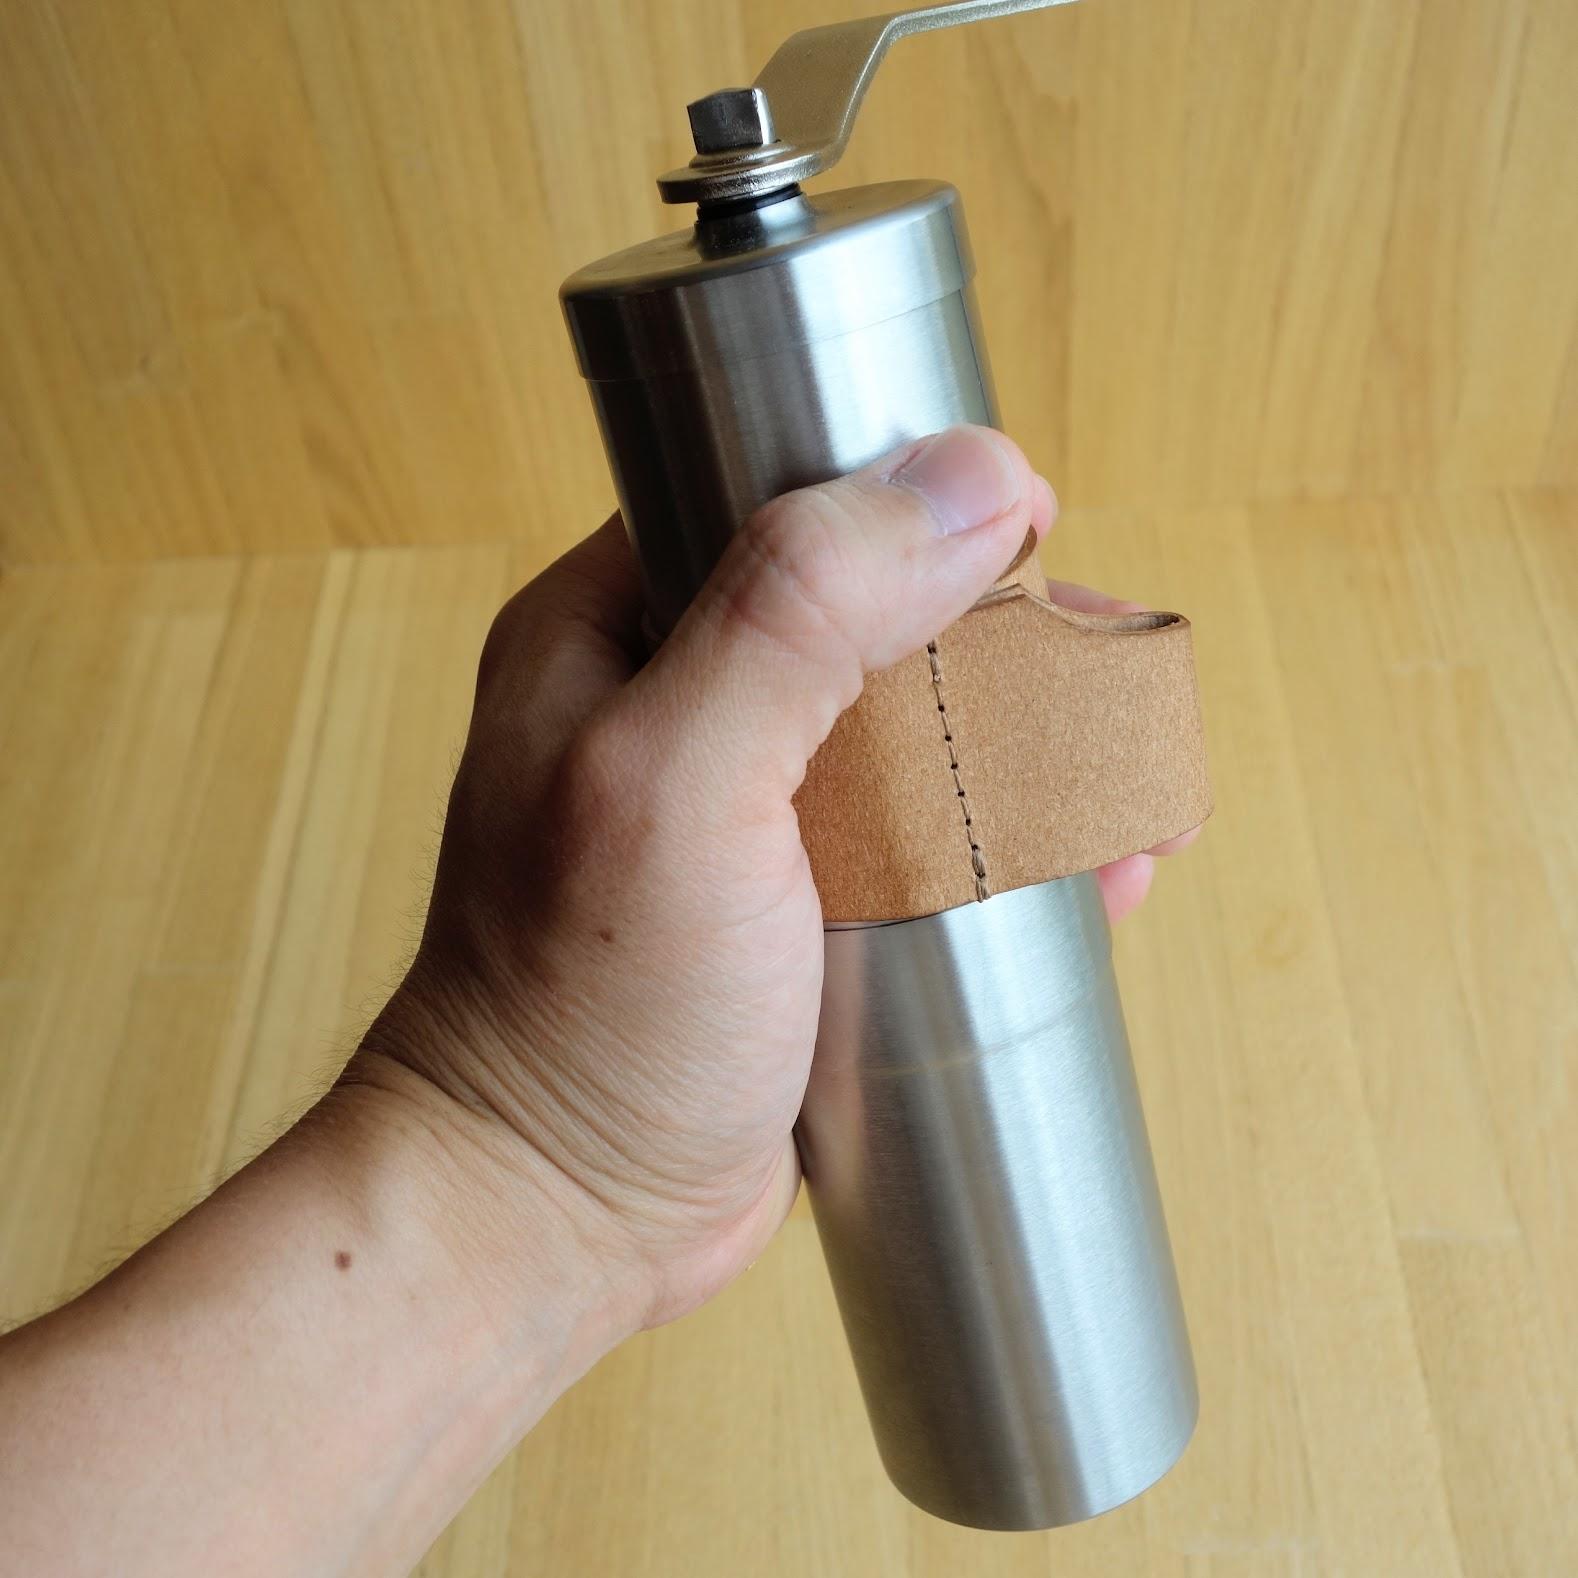 ポーレックス コーヒーミル2 ハンドルホルダー 持ちやすい